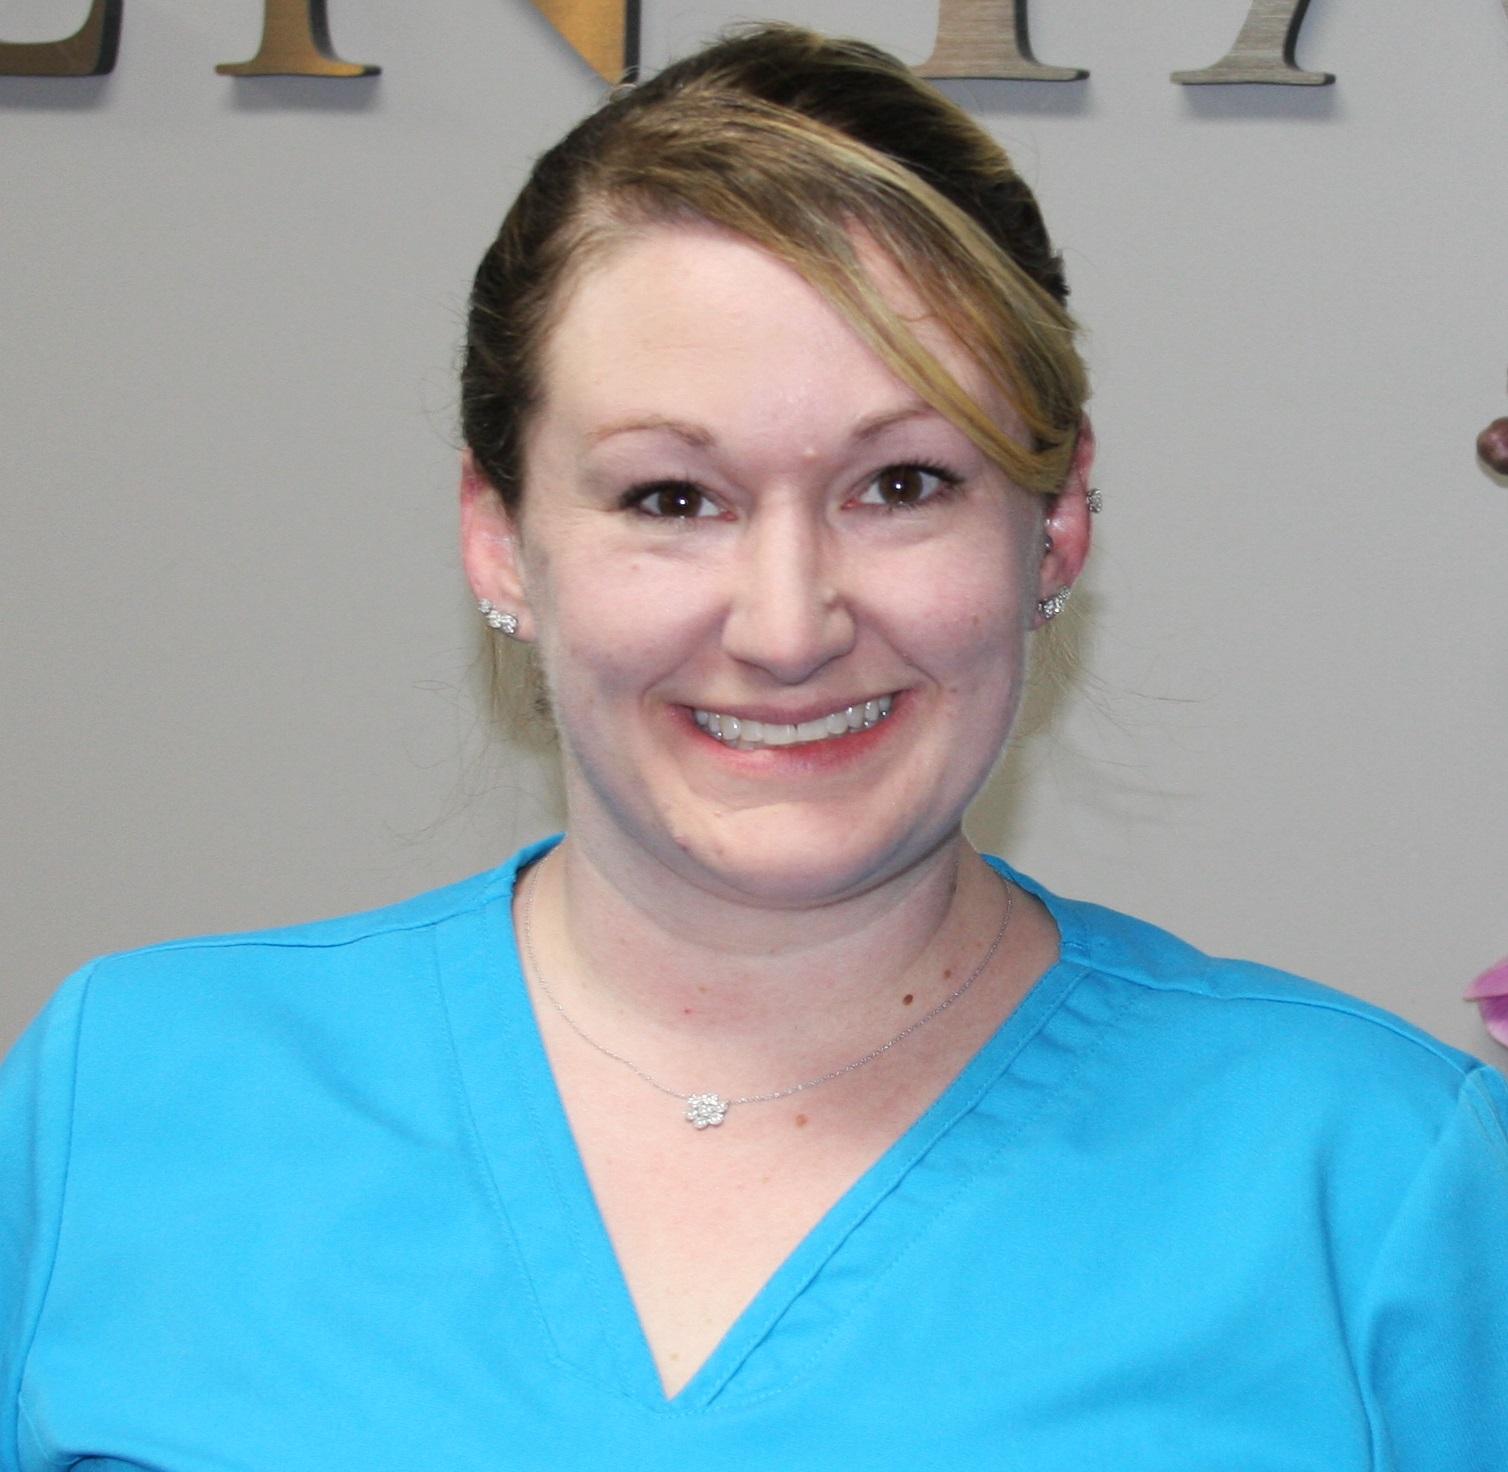 Erin - Hygienist in Dedham